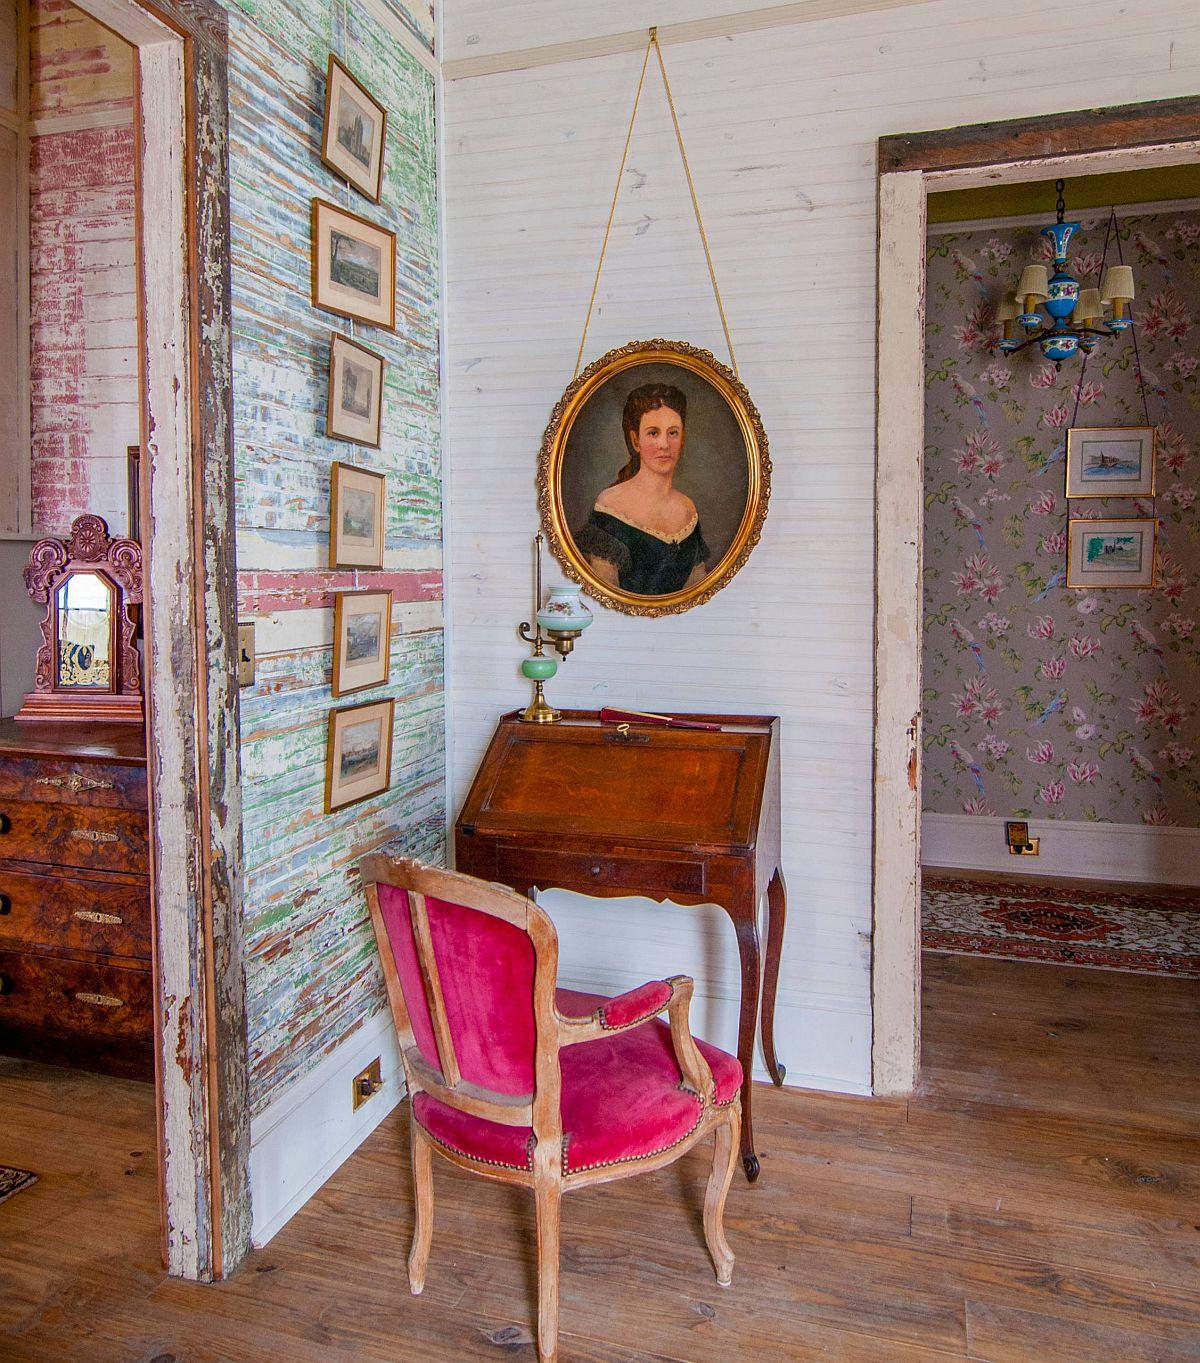 Phòng làm việc nhỏ tại nhà với phong cách chiết trung đầy màu sắc - Ảnh 2.